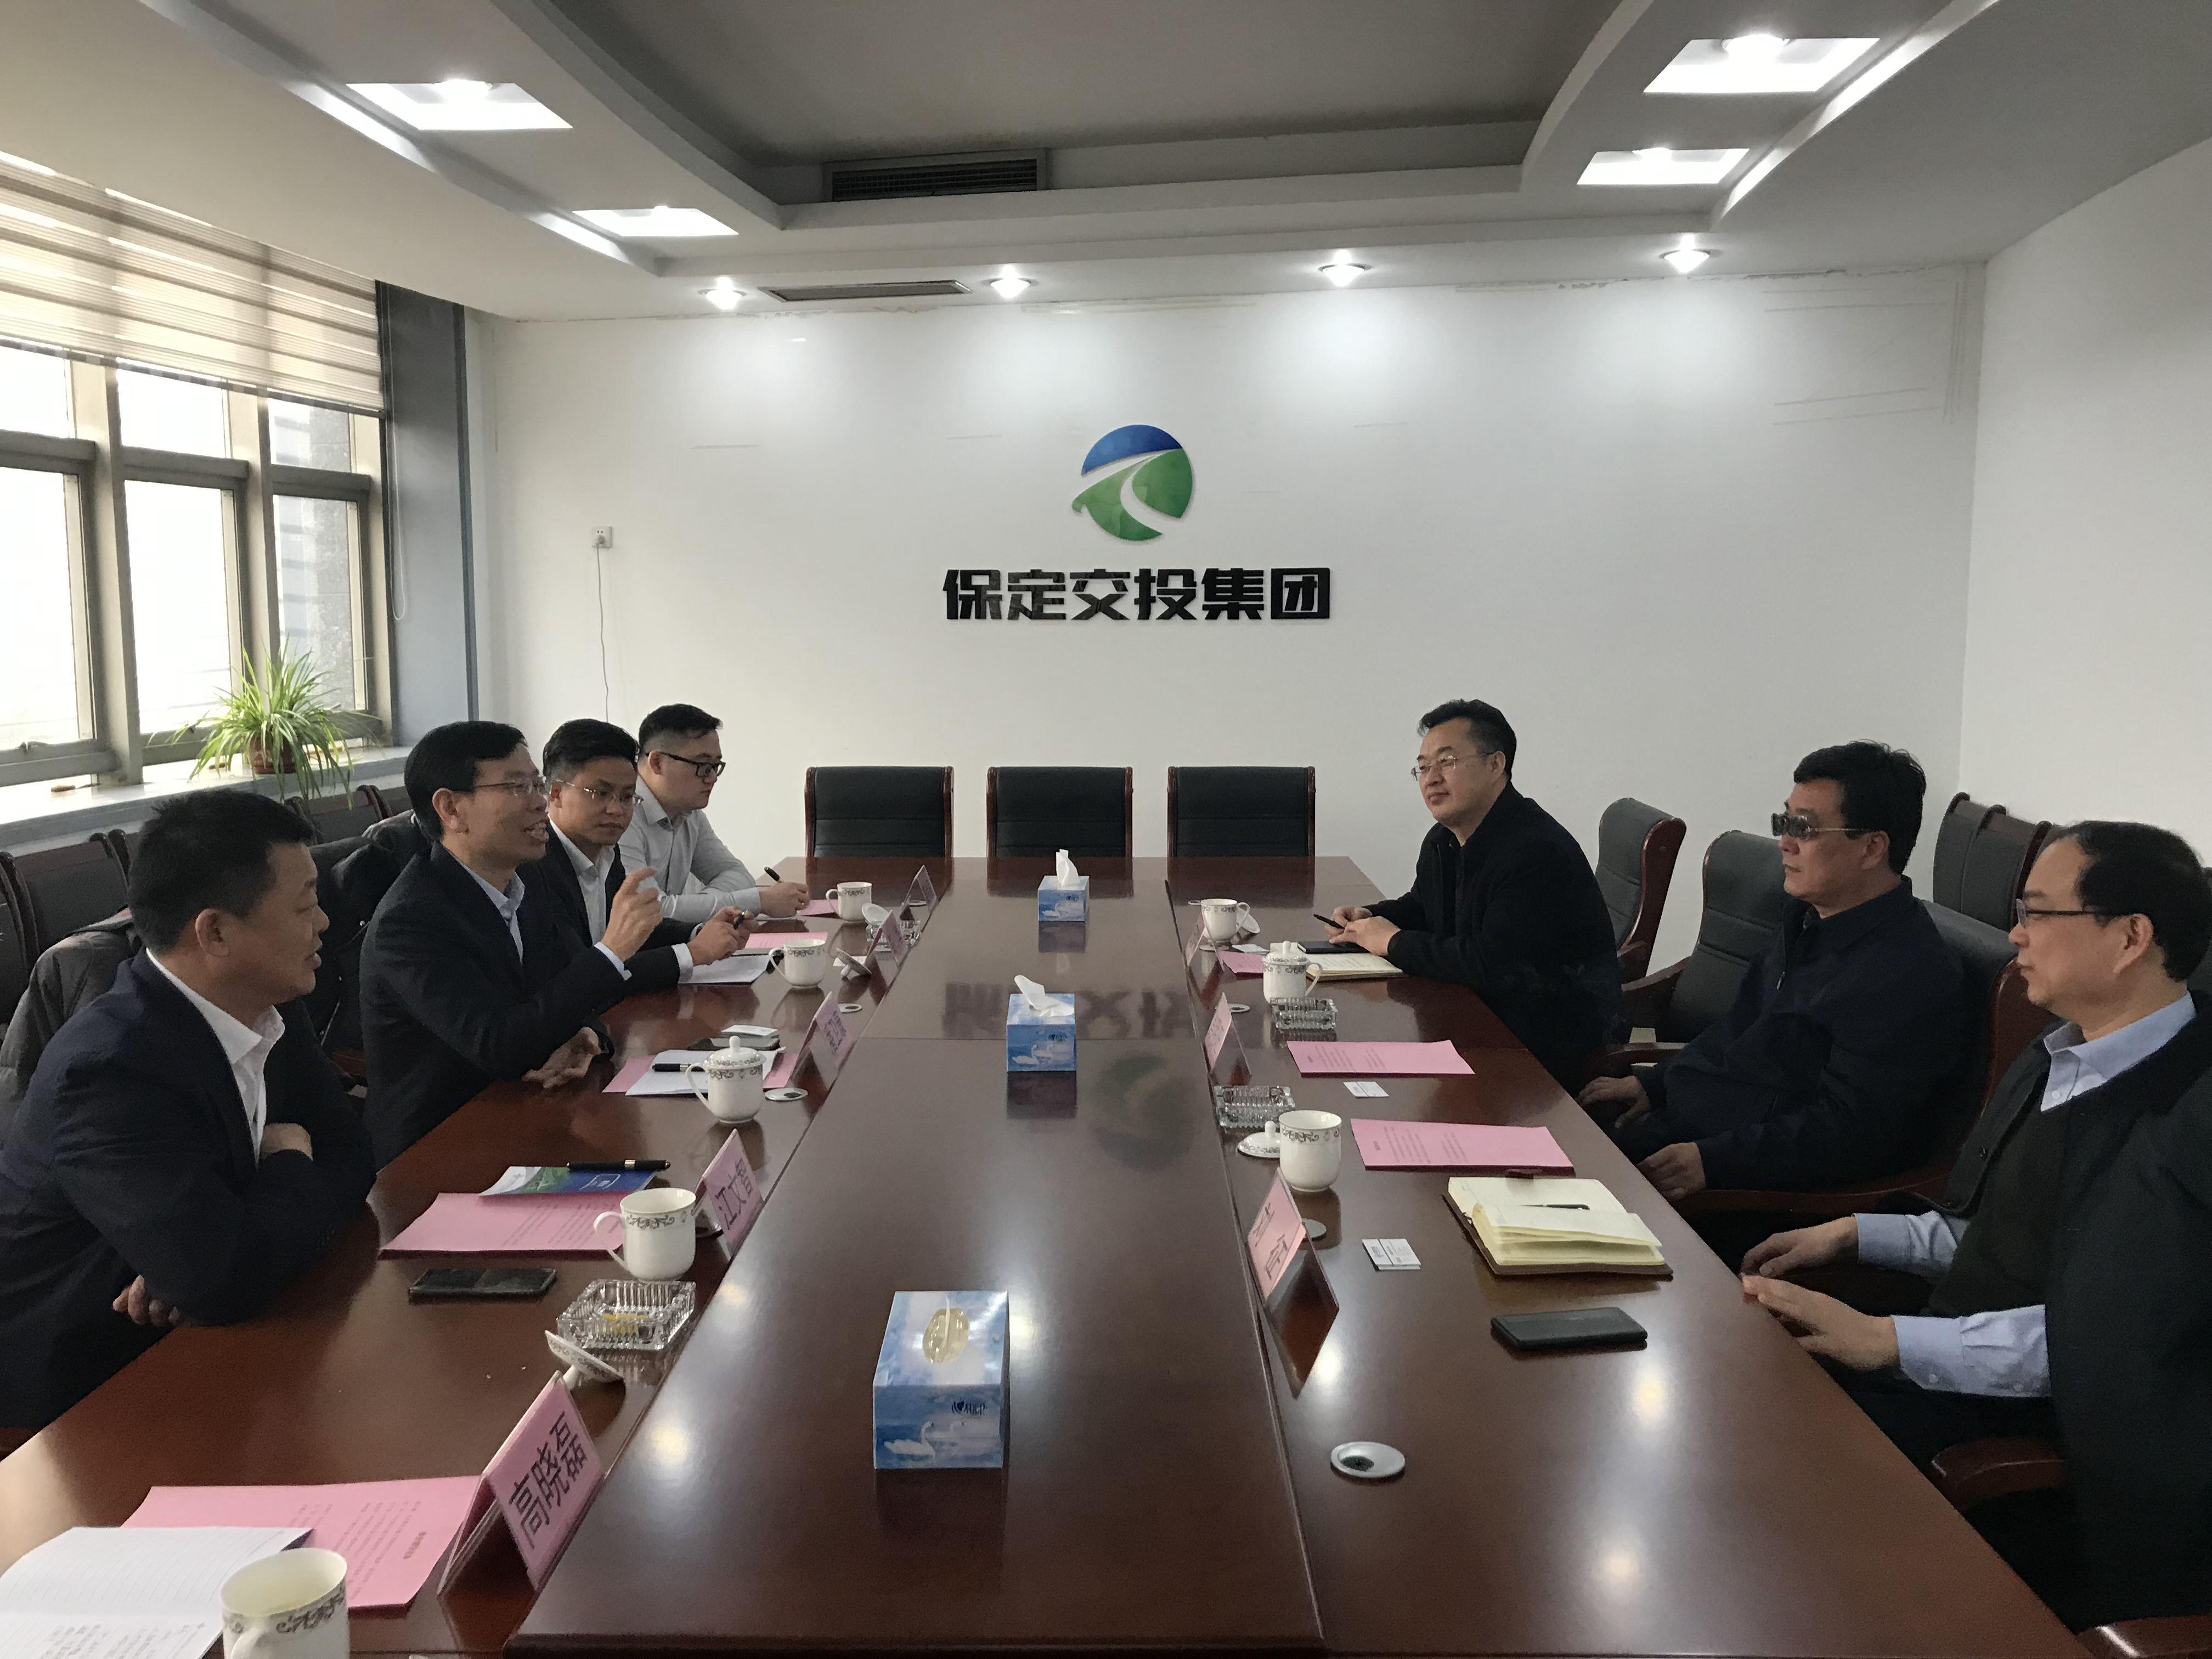 中交四公局副总经理潘卫康一行到 我集团对接洽谈